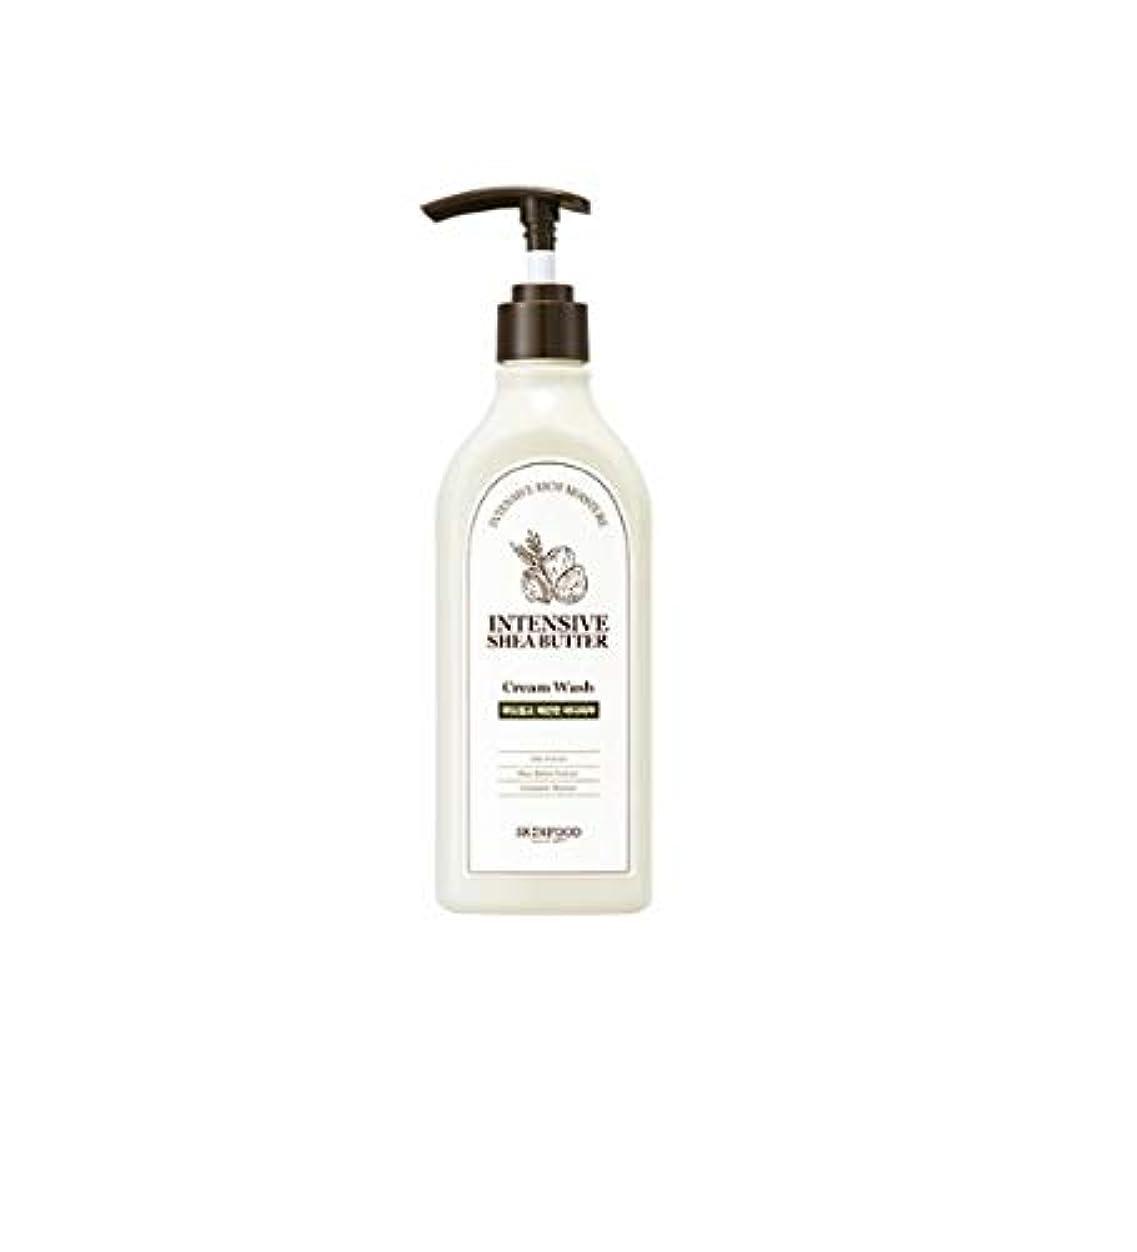 田舎者単位誘惑Skinfood 集中シアバタークリームウォッシュ/Intensive Shea Butter Cream Wash 335ml [並行輸入品]